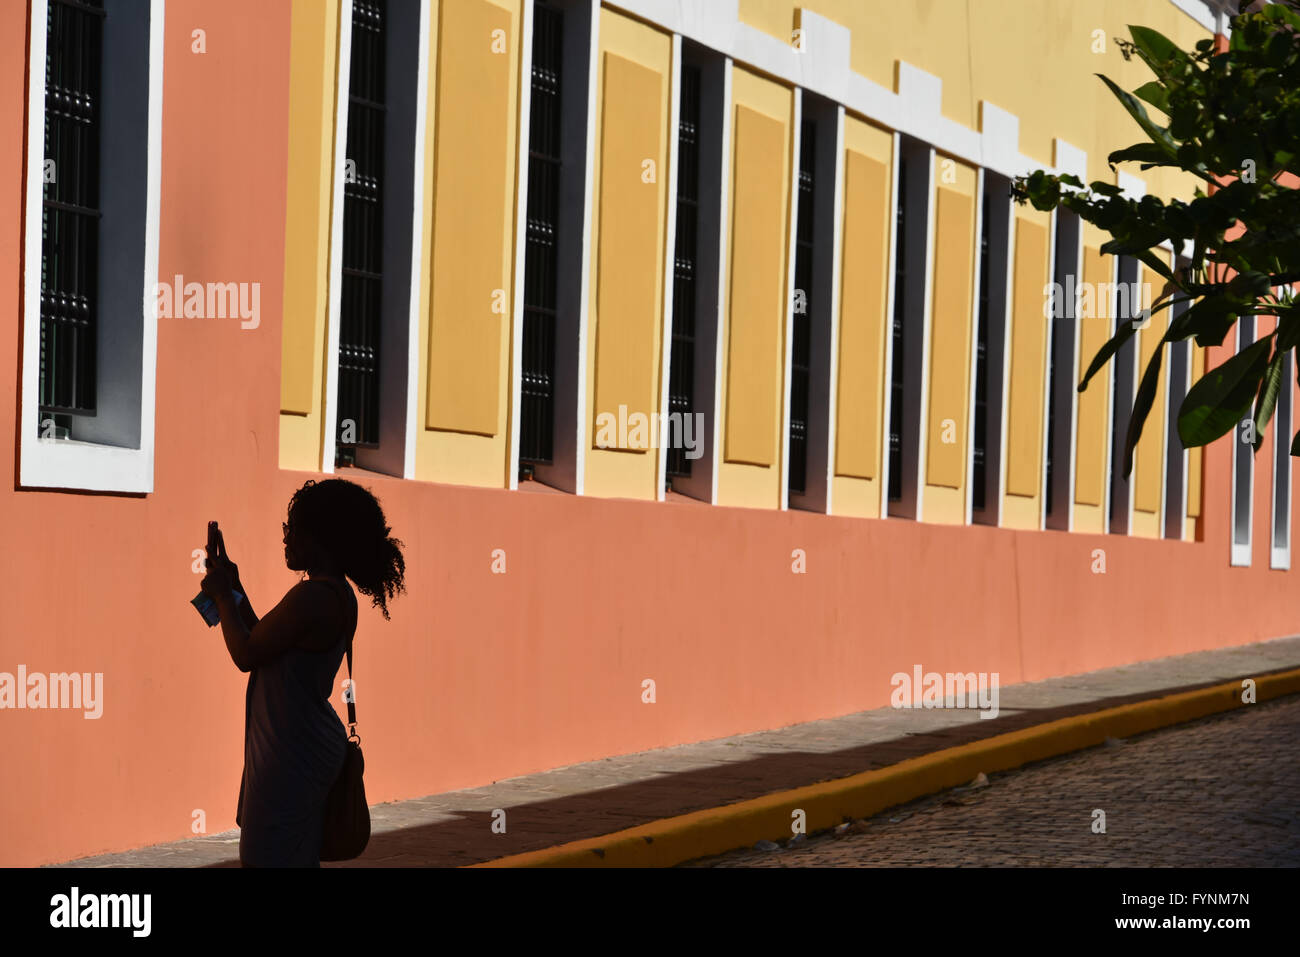 Silueta de un turista toma una foto de edificios coloridos en el Viejo San Juan, Puerto Rico Imagen De Stock